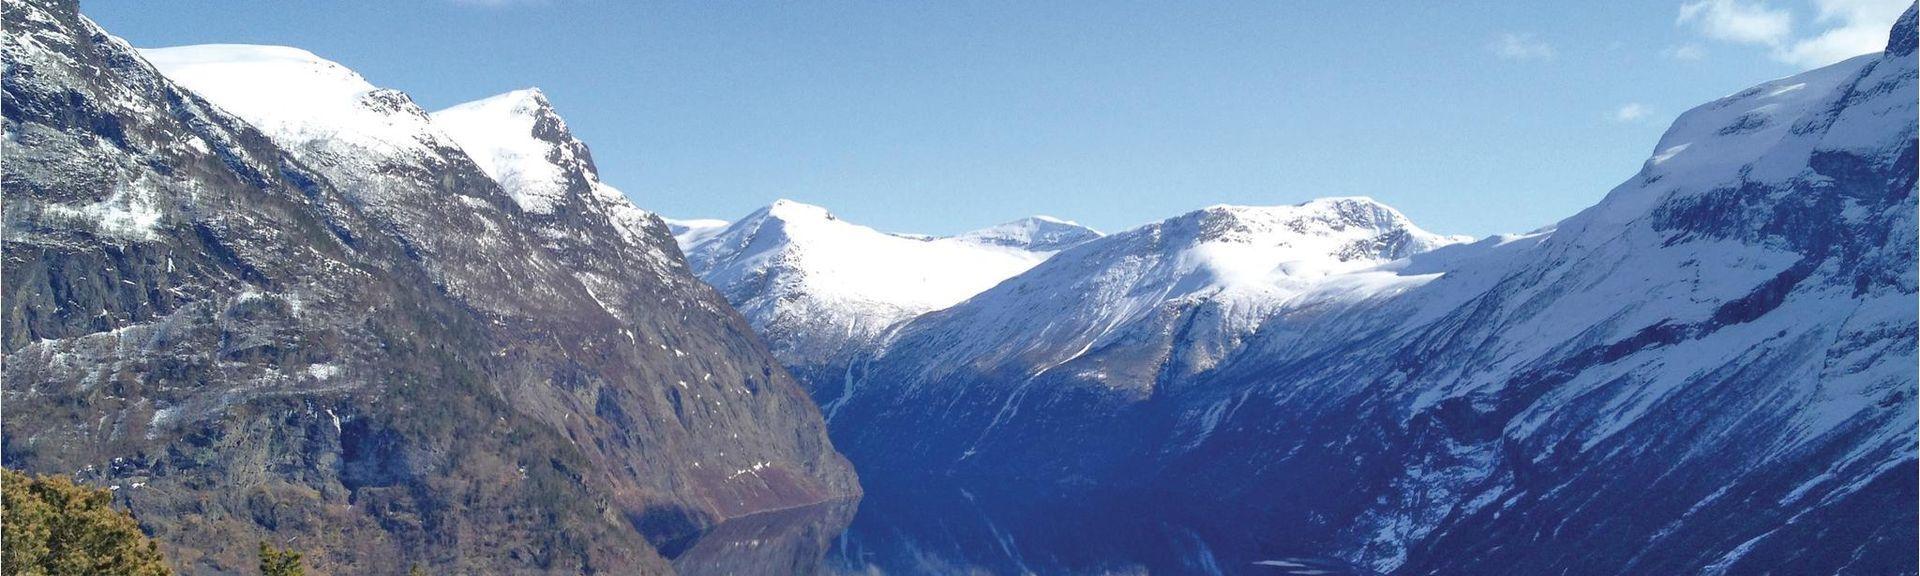 Ikornnes, Møre og Romsdal, Norway